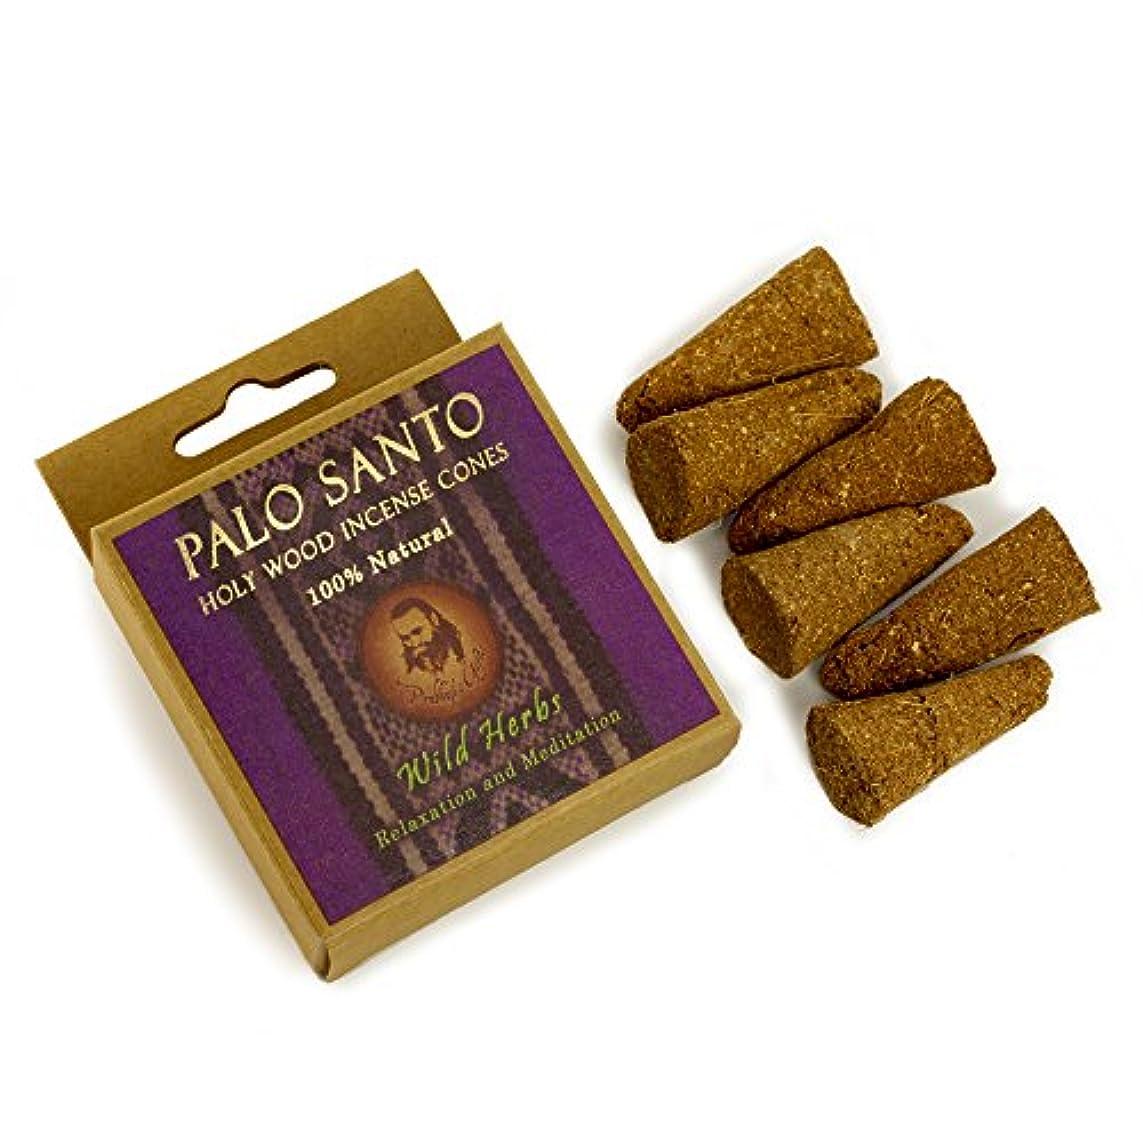 アームストロングコメンテーターヘルメットPalo Santo and Wild herbs – Relaxation &瞑想 – 6 Incense Cones